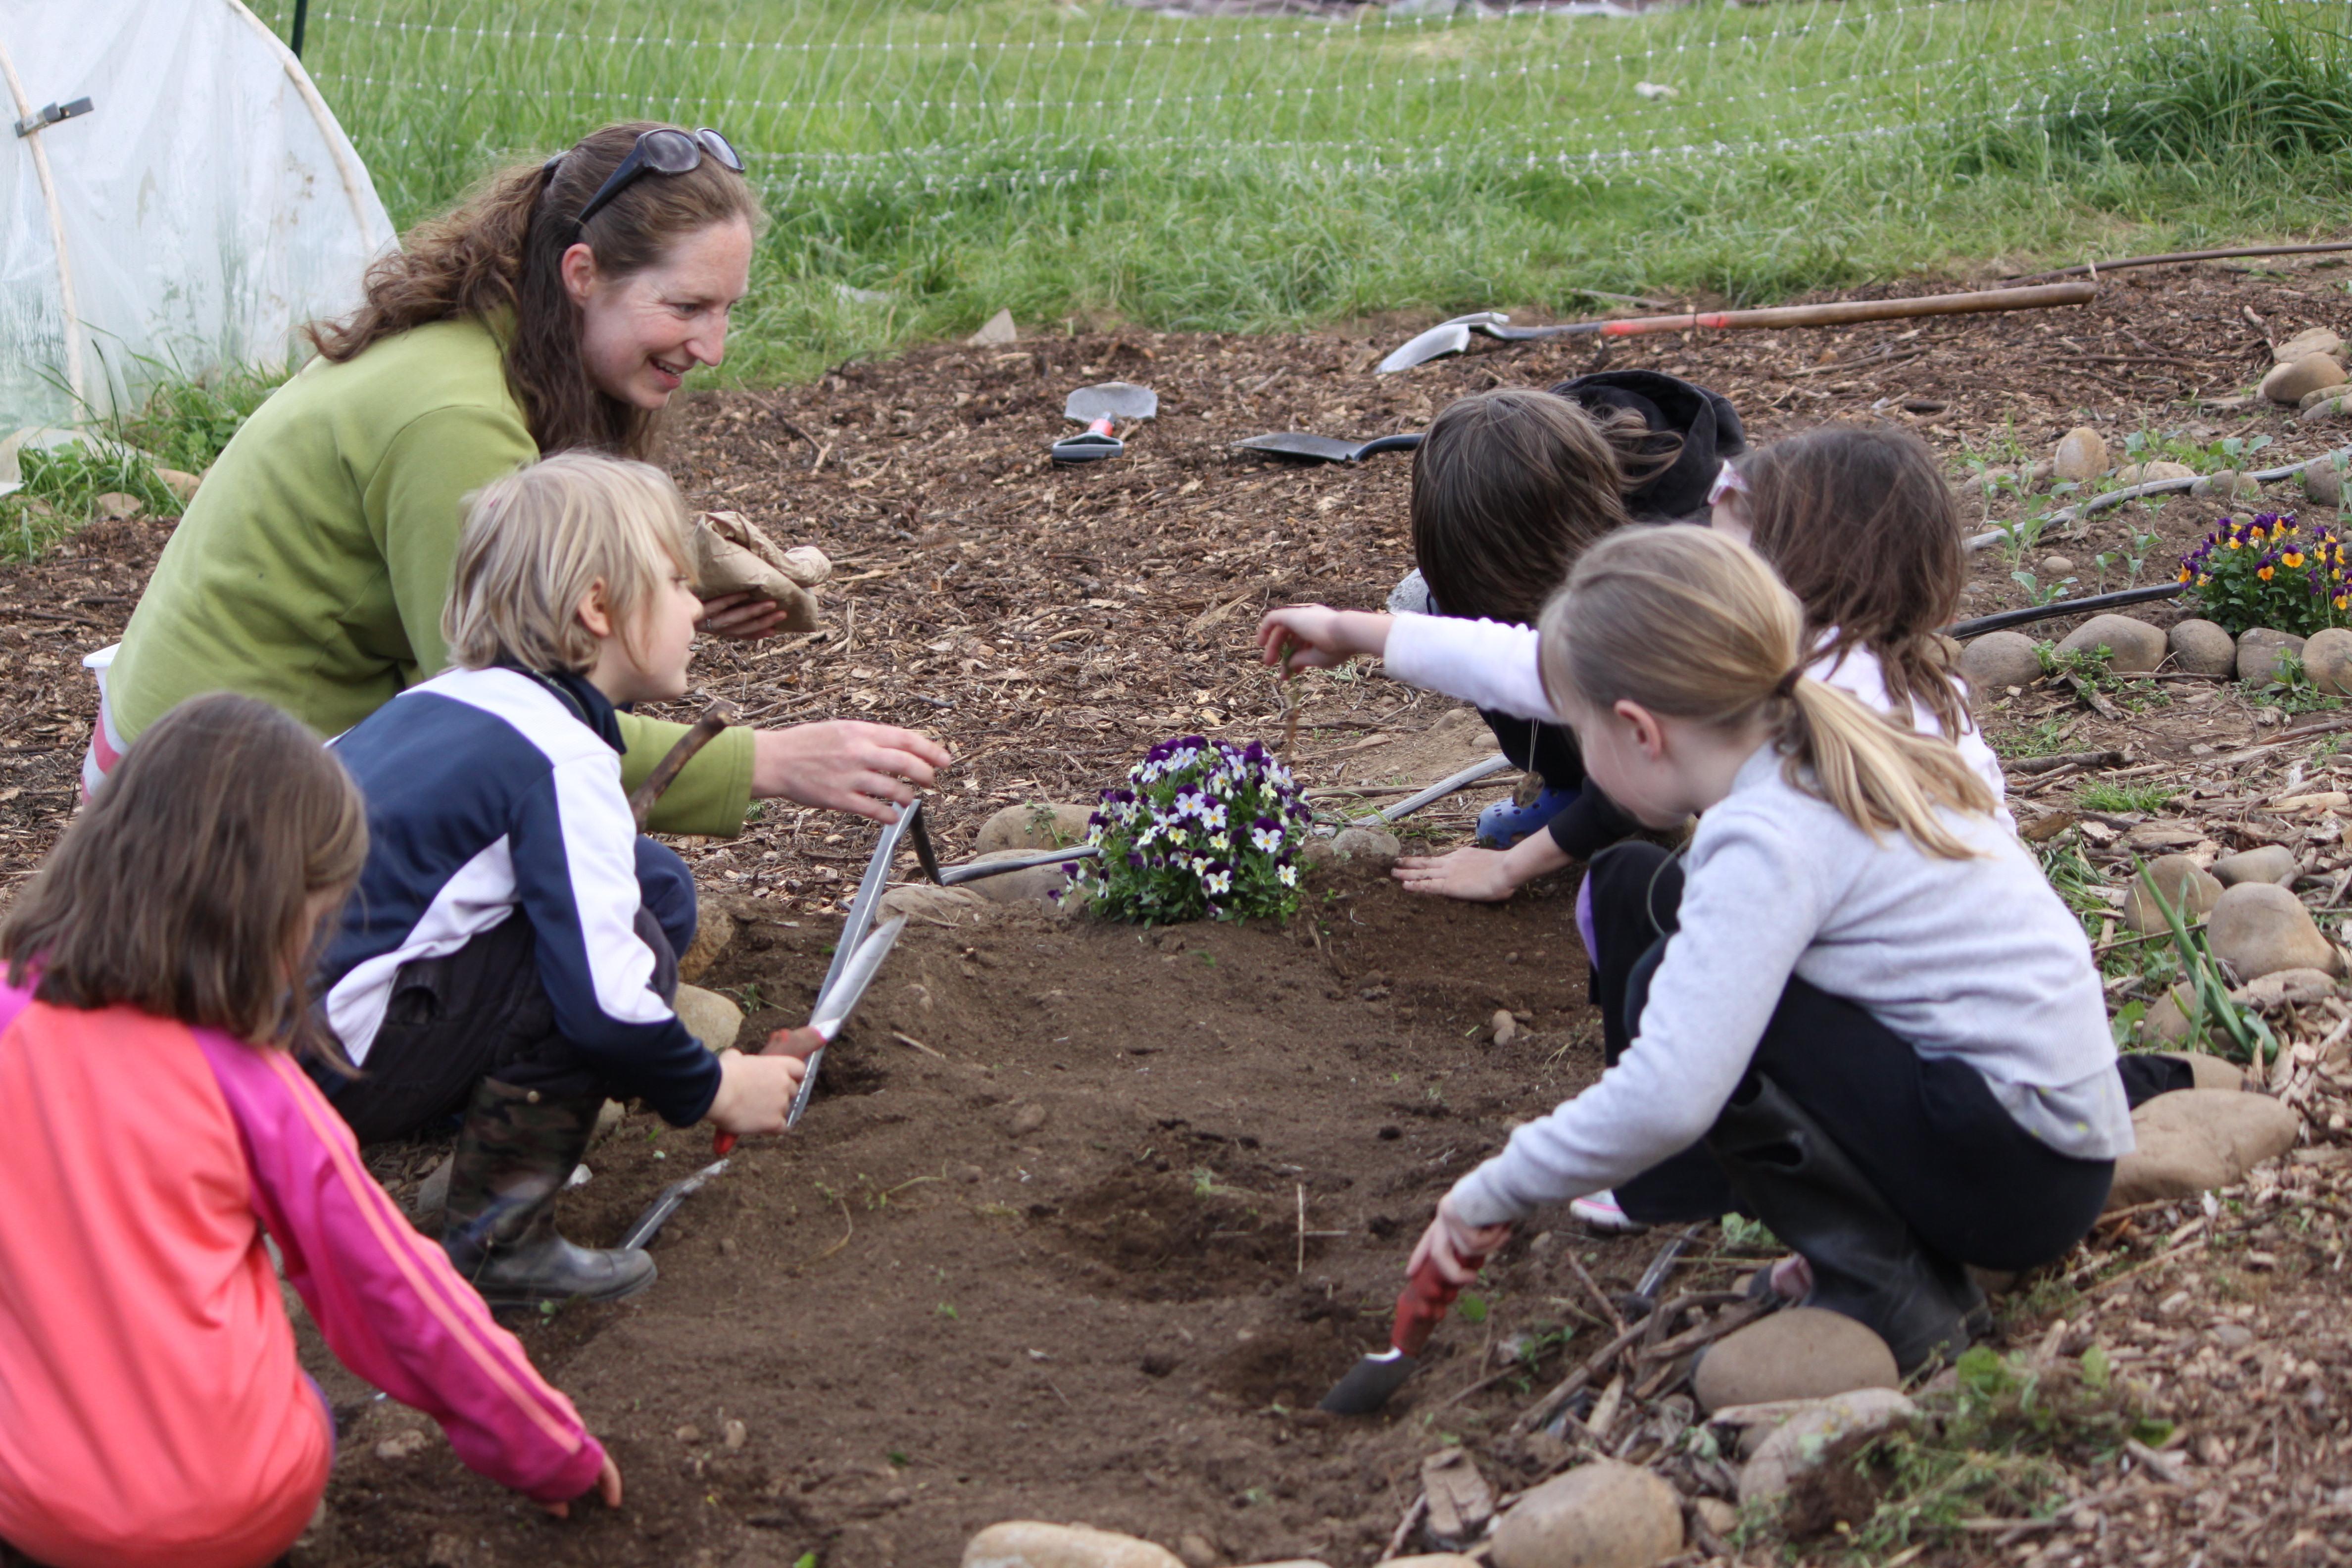 Summer Camp & Children's Gardens Intern or Volunteer ...